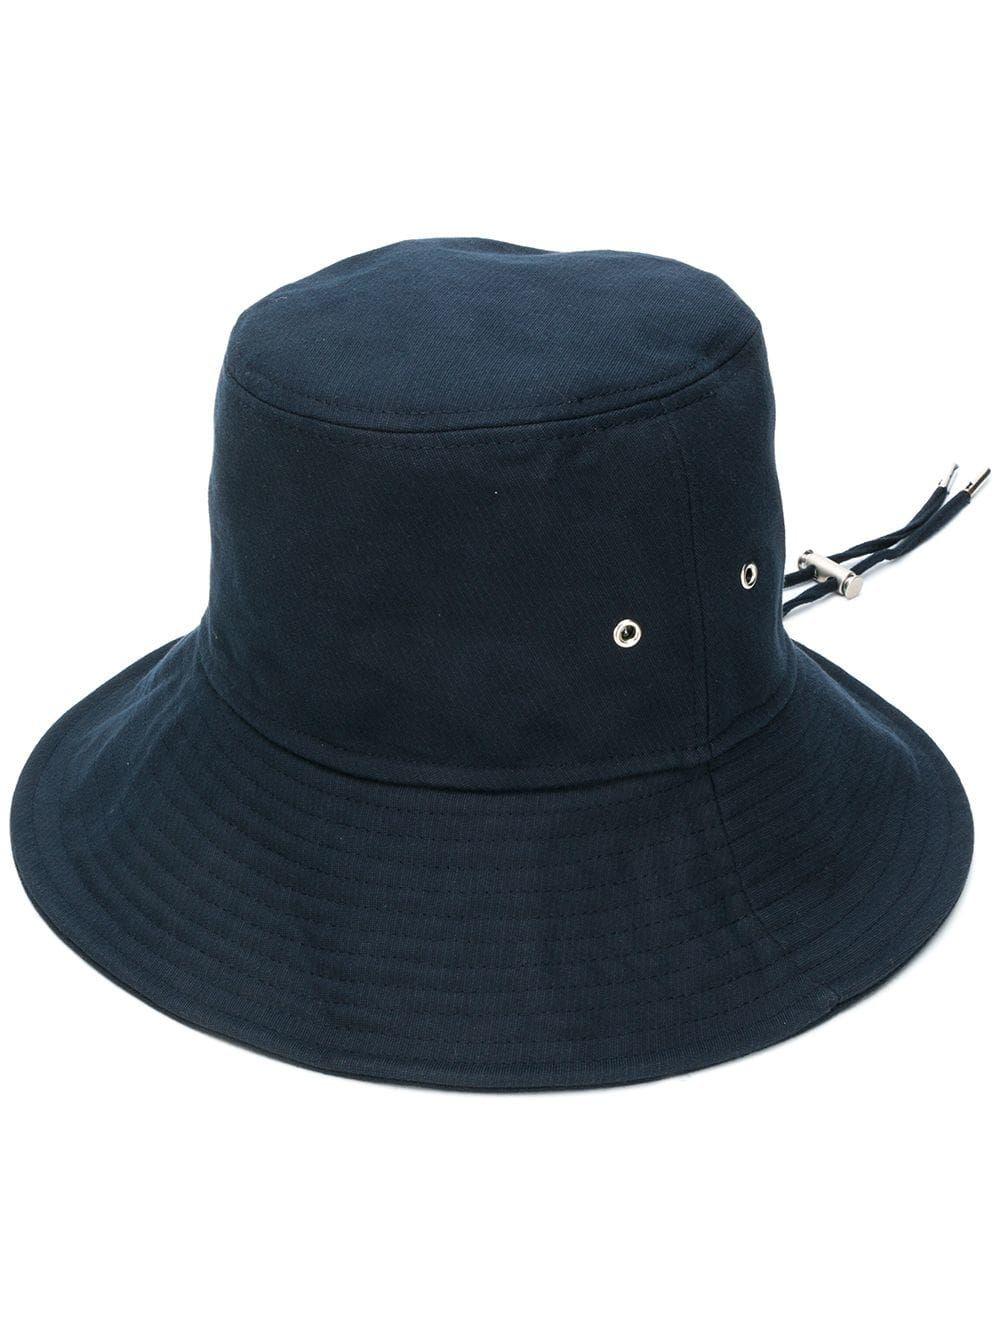 AMI ALEXANDRE MATTIUSSI AMI ALEXANDRE MATTIUSSI BOB HAT - BLUE.   amialexandremattiussi 54b0ac001e0d